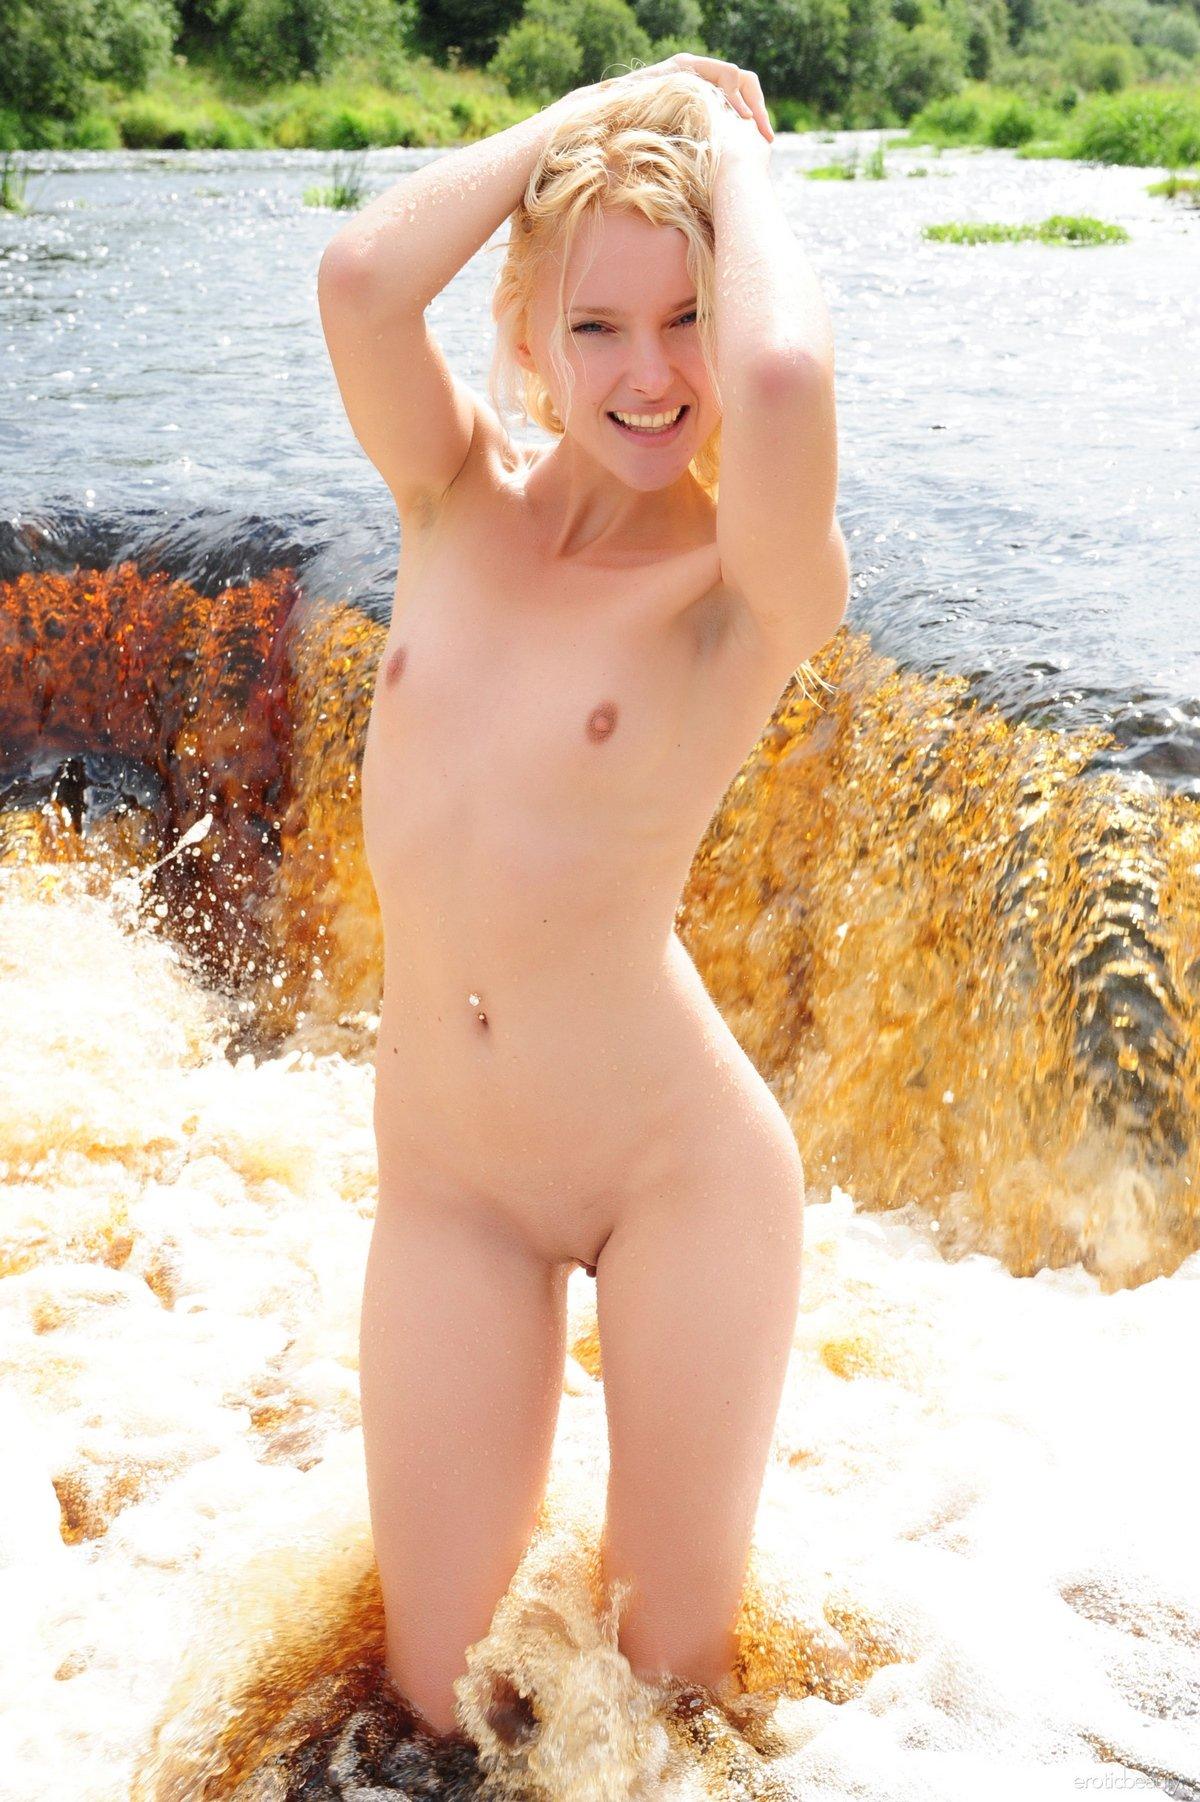 Обнаженная модель со свелыми волосами плавает в водопаде секс фото